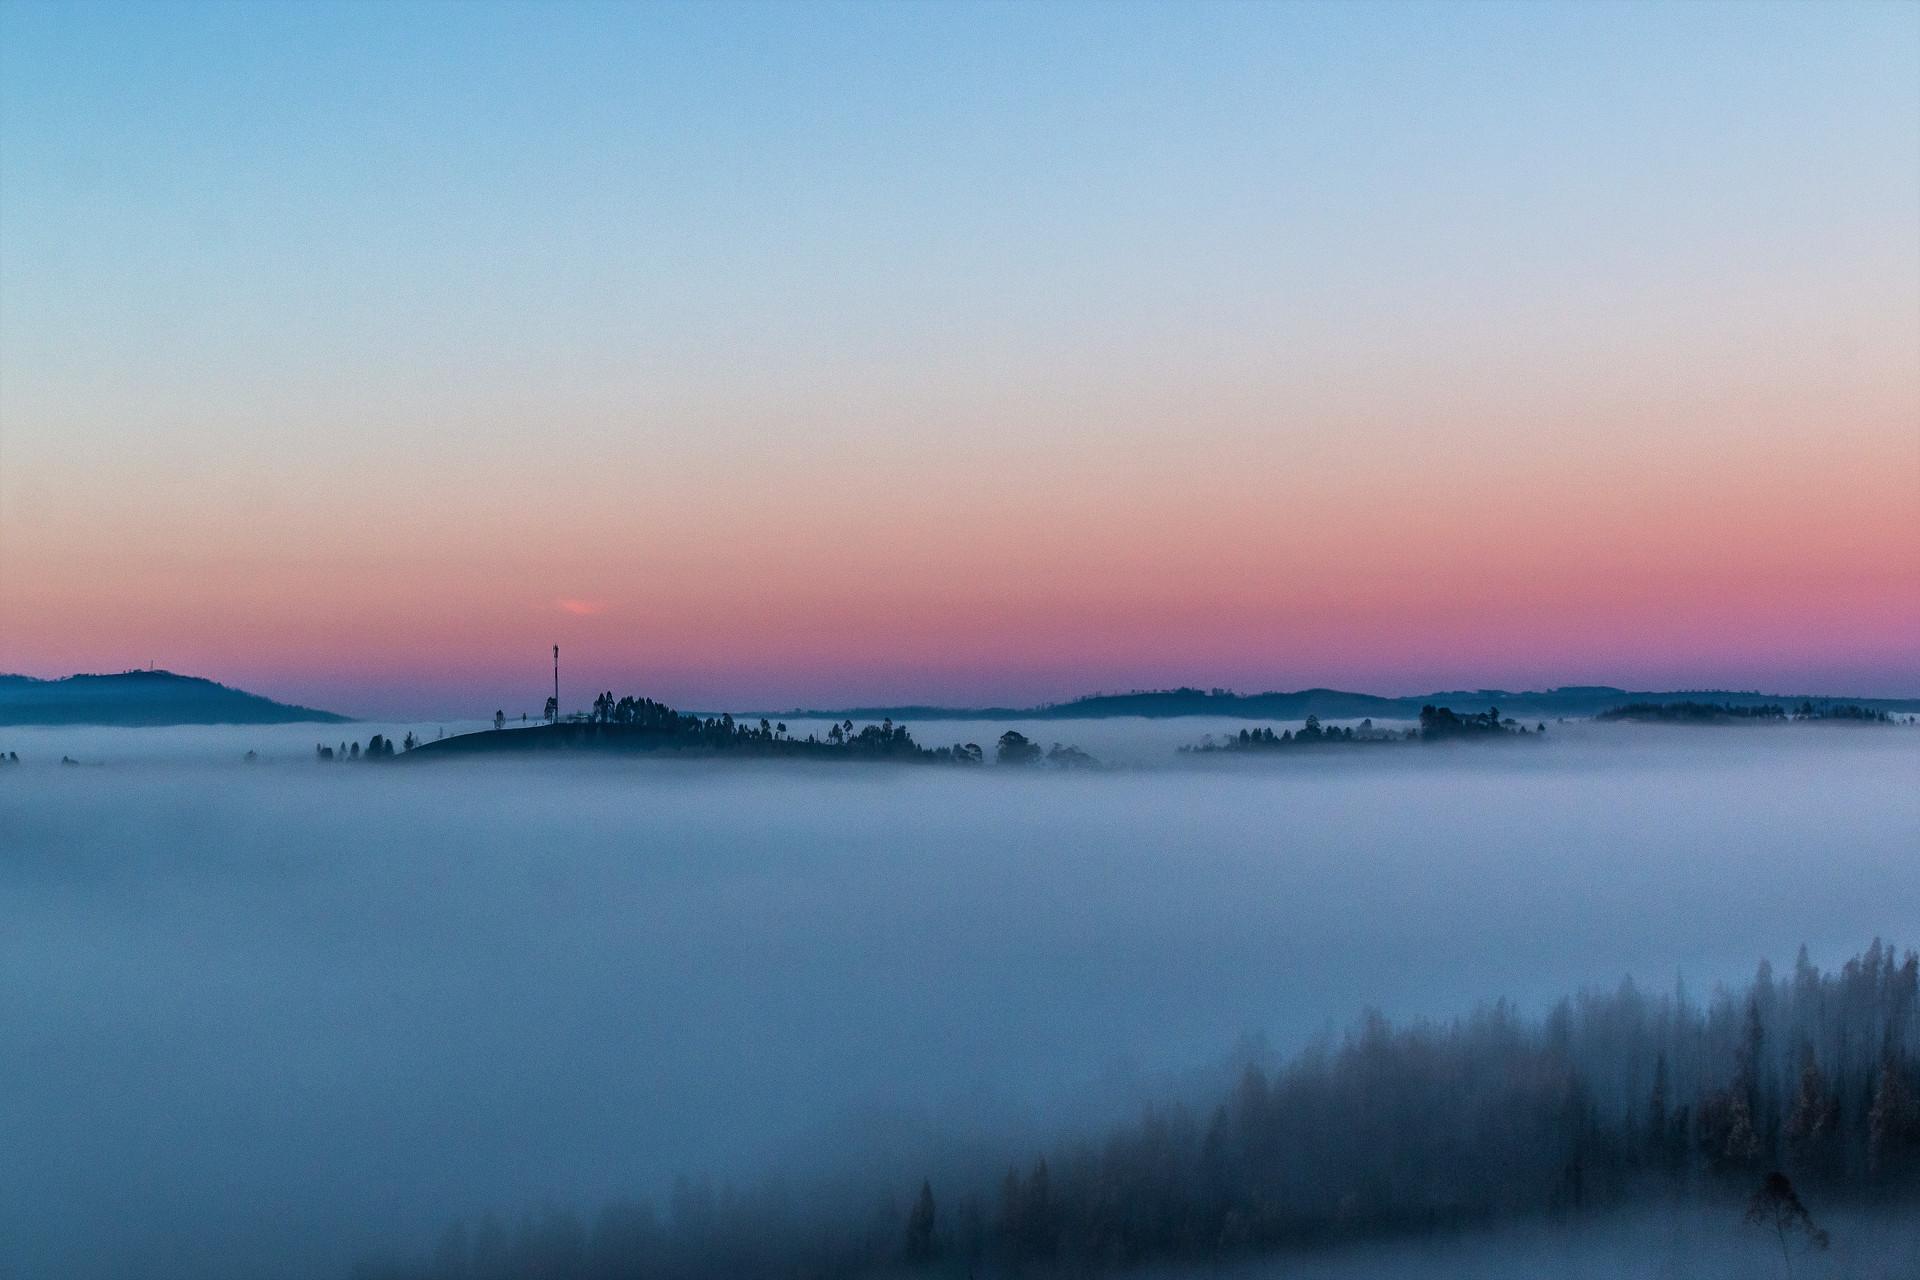 A magical dawn